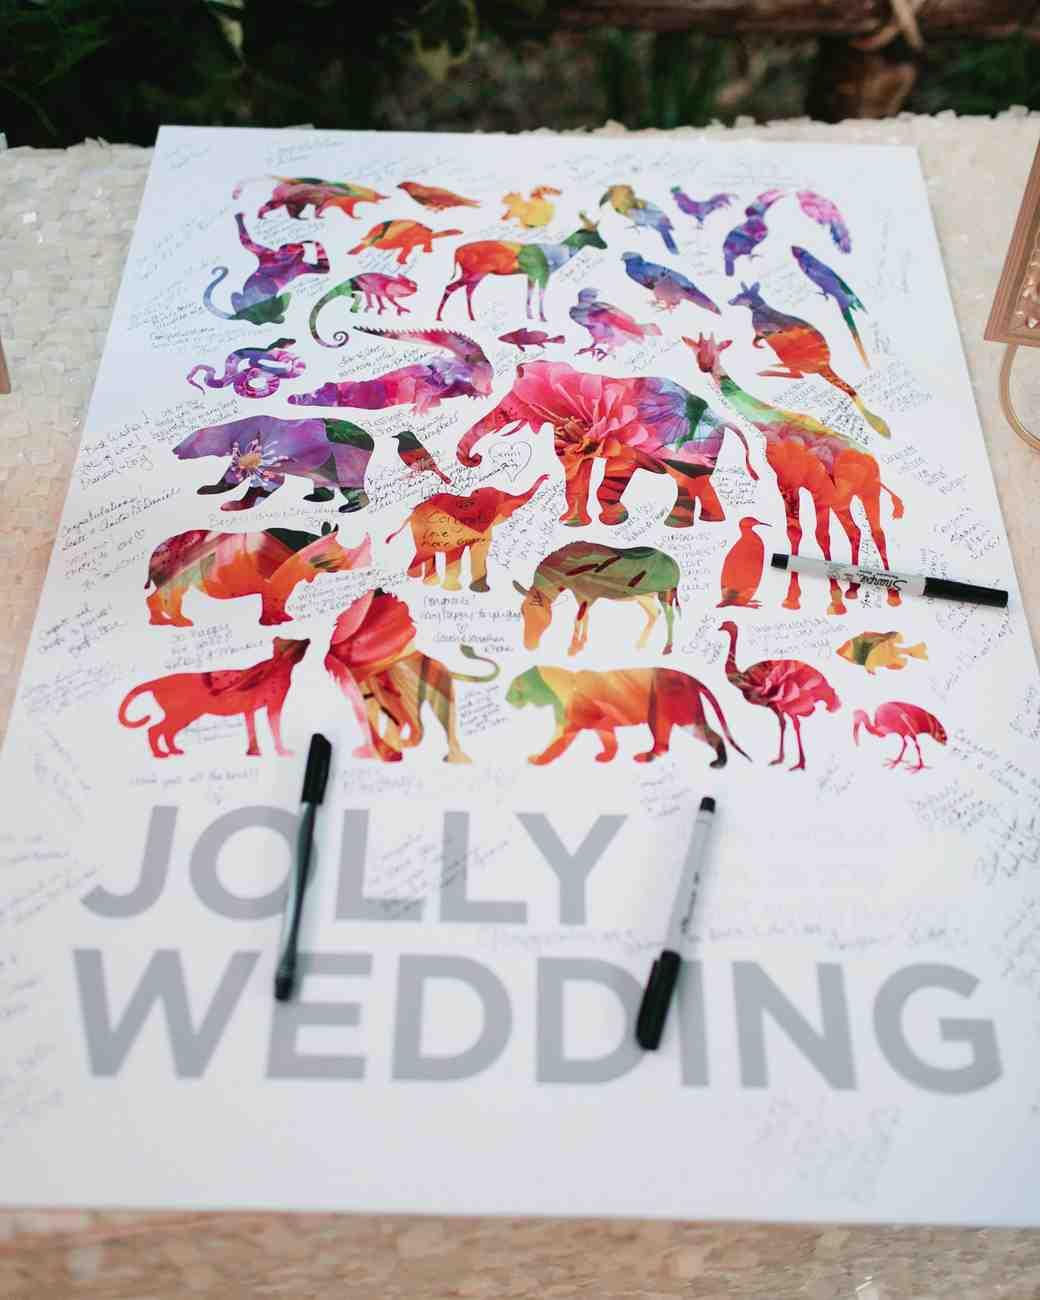 holly-john-wedding-texas-guestbook-poster-096-s112833-0516.jpg